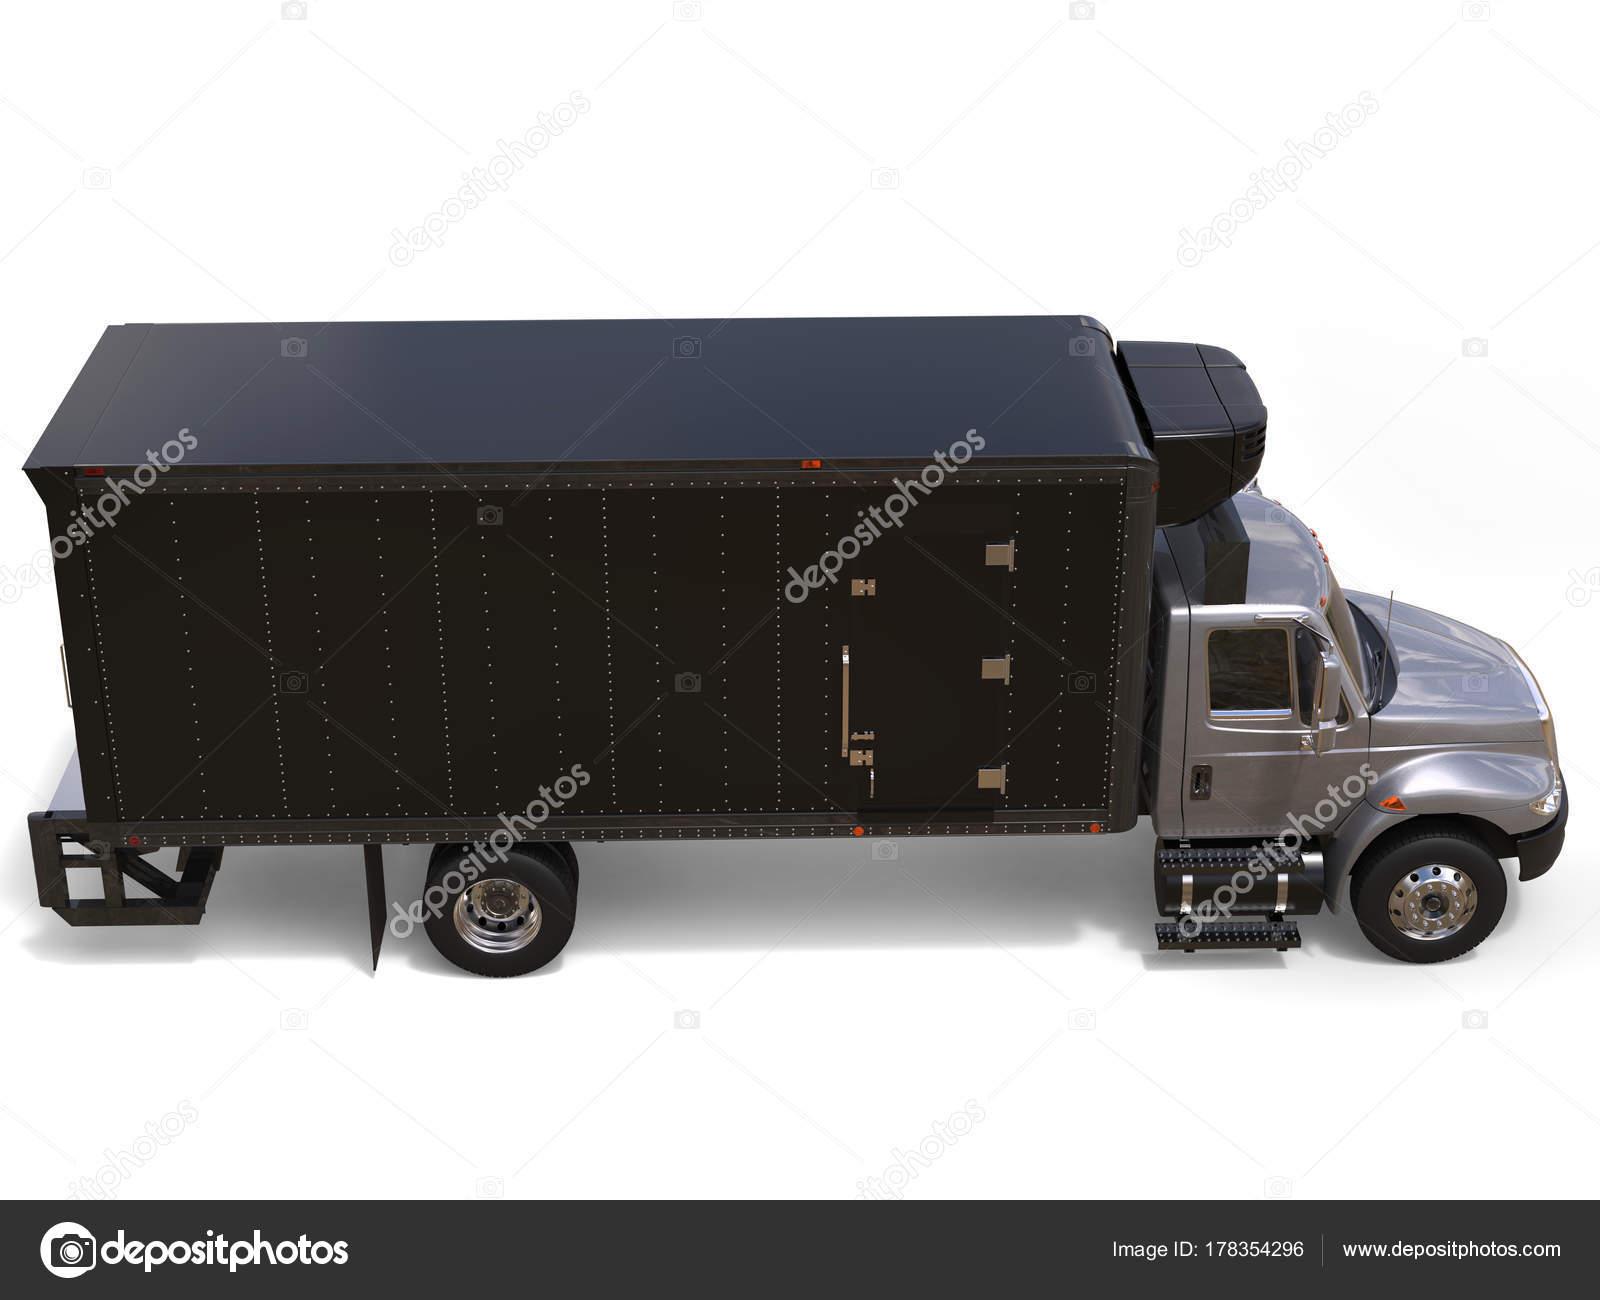 Amerikanischer Kühlschrank Transportieren : Silber kühlschrank lkw mit schwarzen anhänger einheit von oben